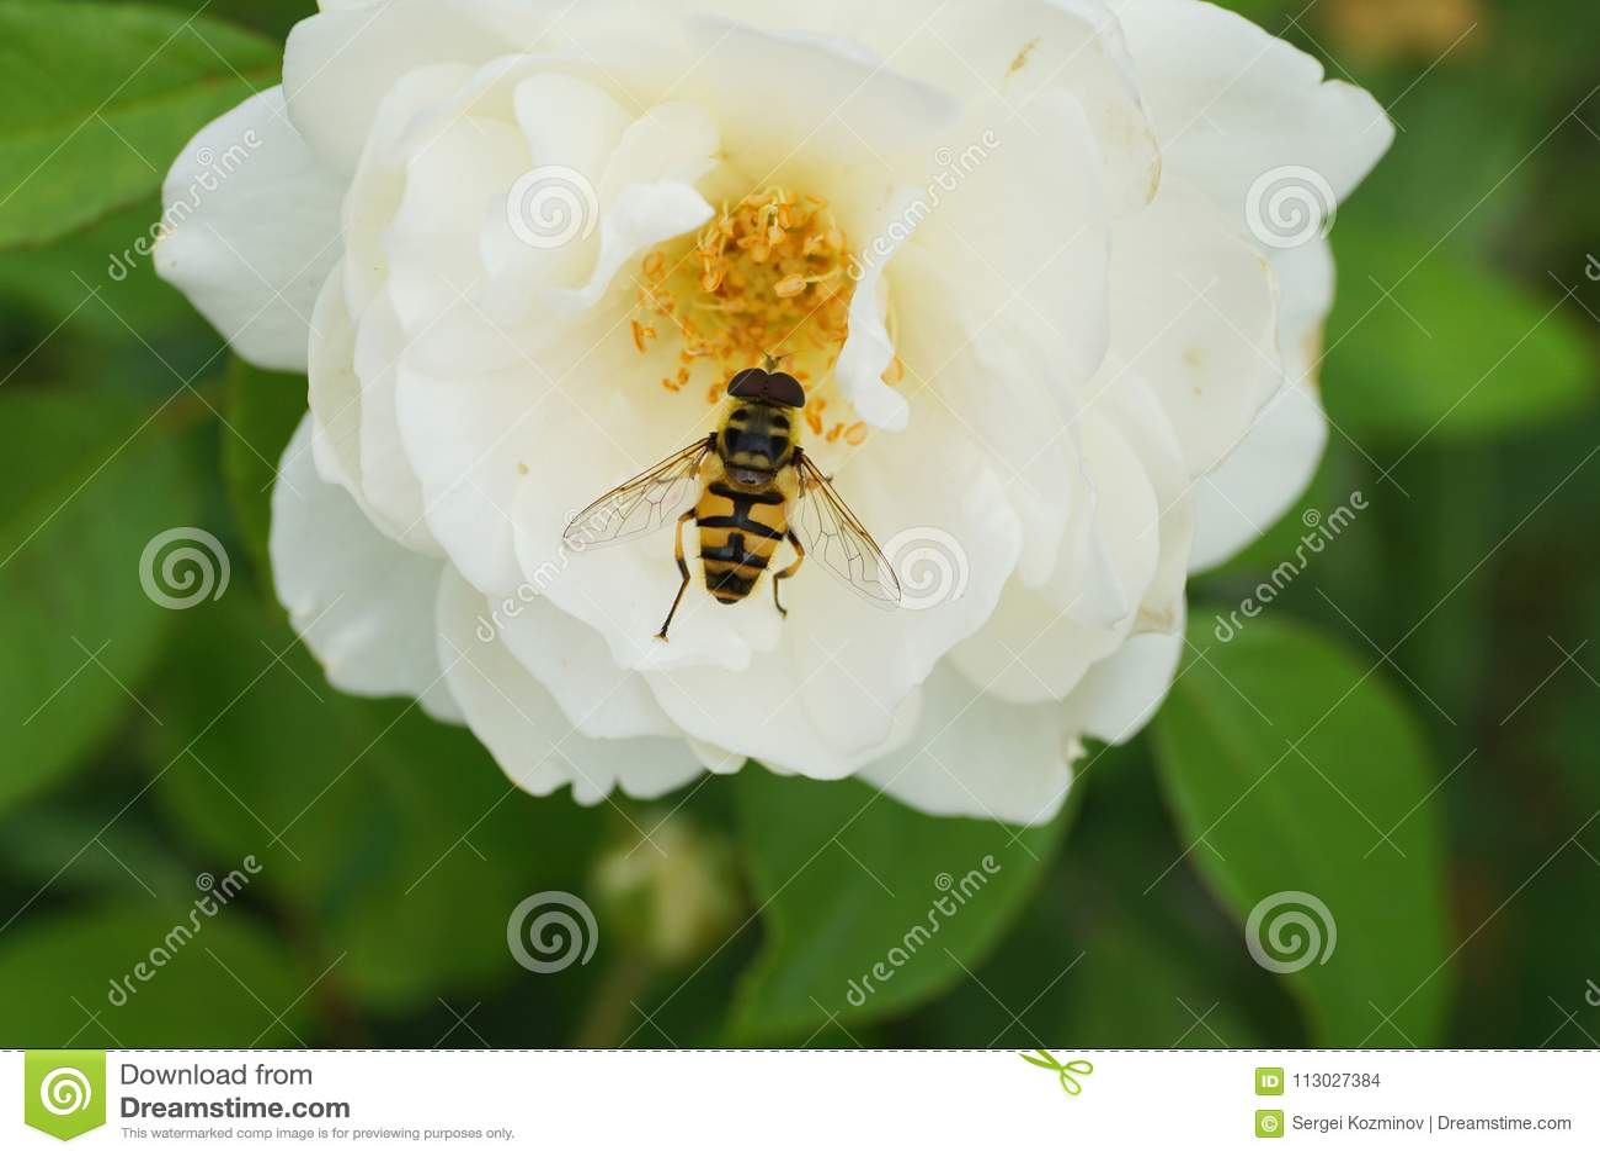 Primer de una mosca caucásica amarillo-negra hoverfly del género D